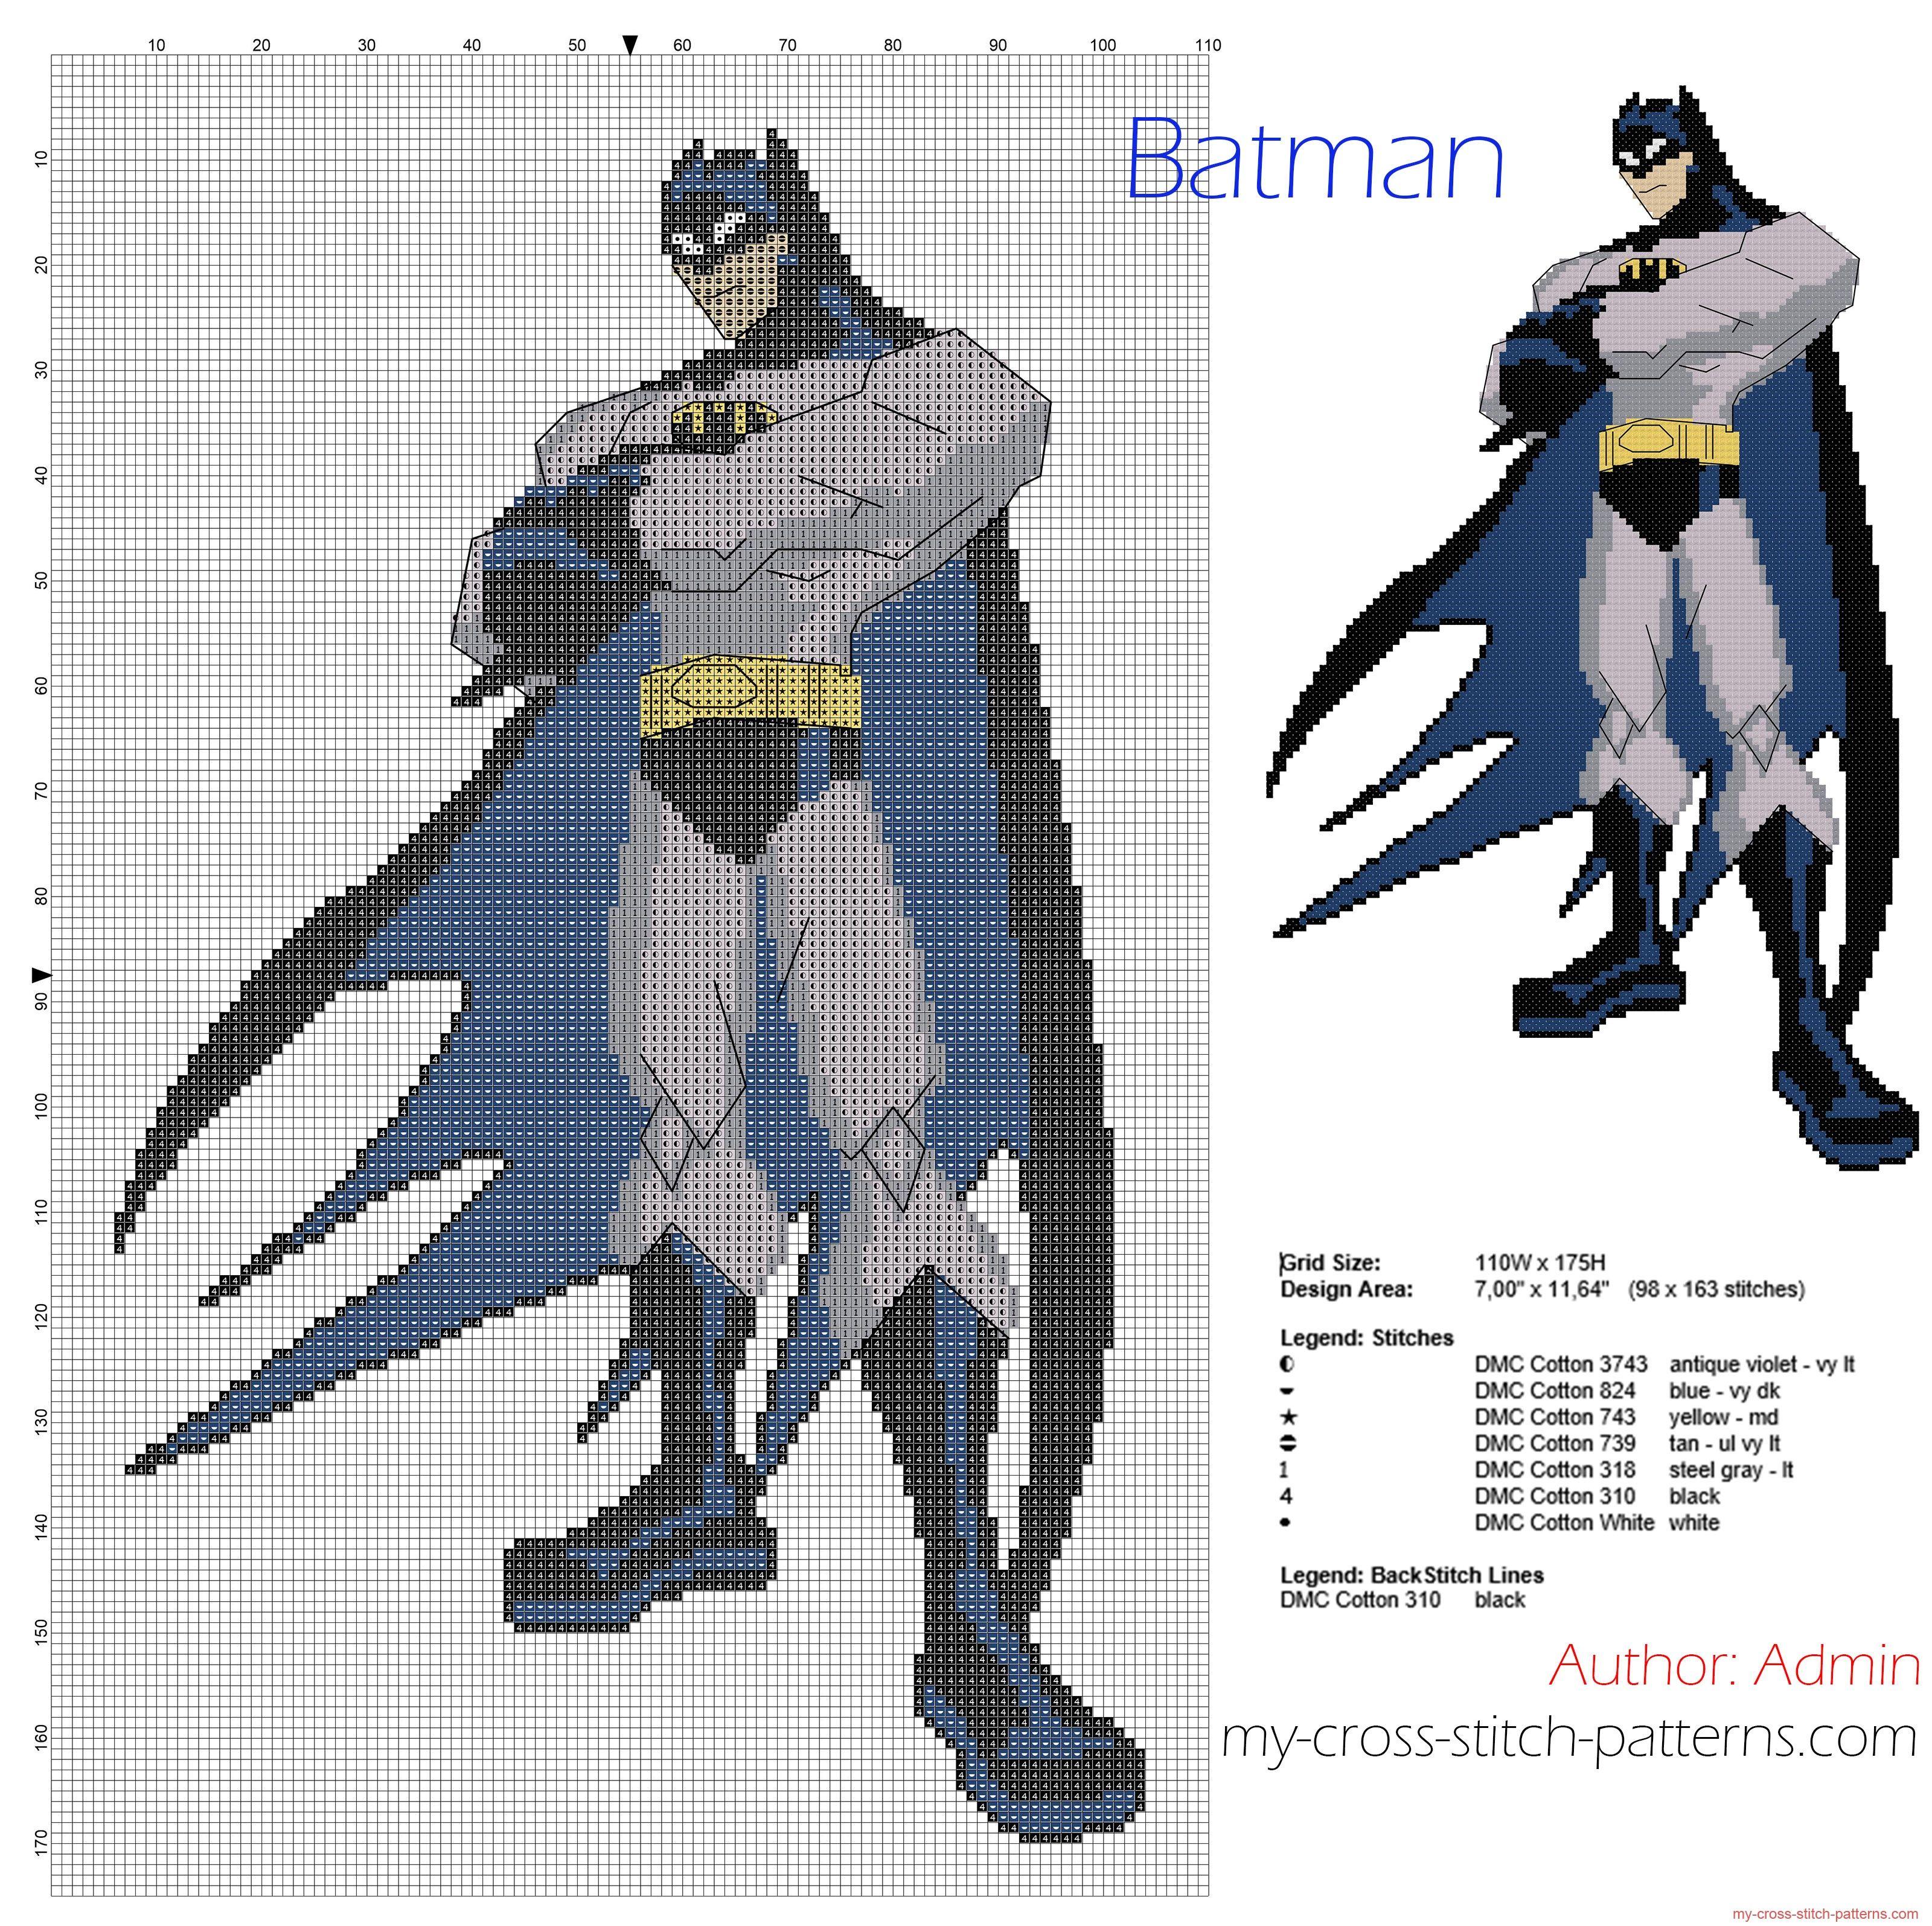 Batman free cross stitch pattern download - 3200x3190 - 4081913 ...